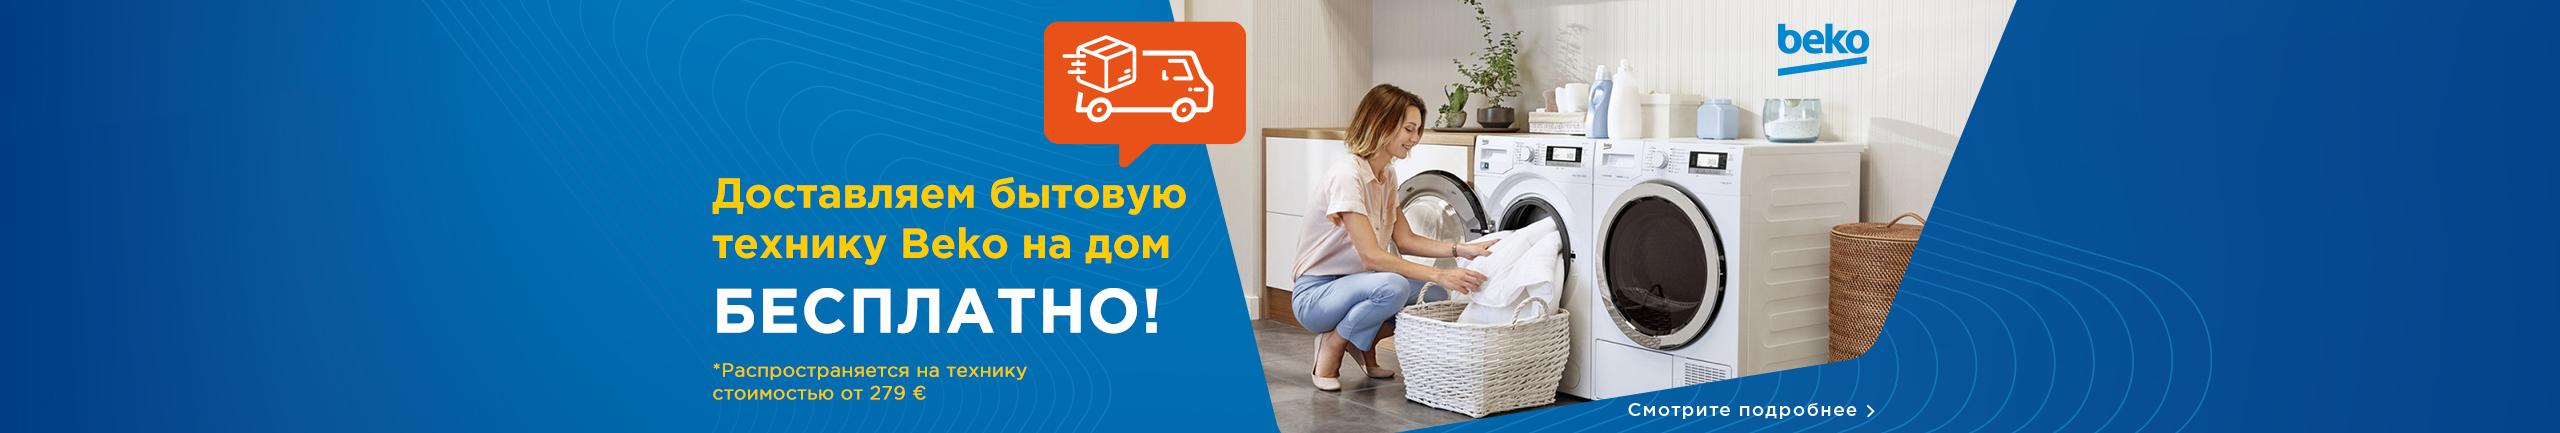 Доставляем бытовую технику Beko на дом бесплатно!